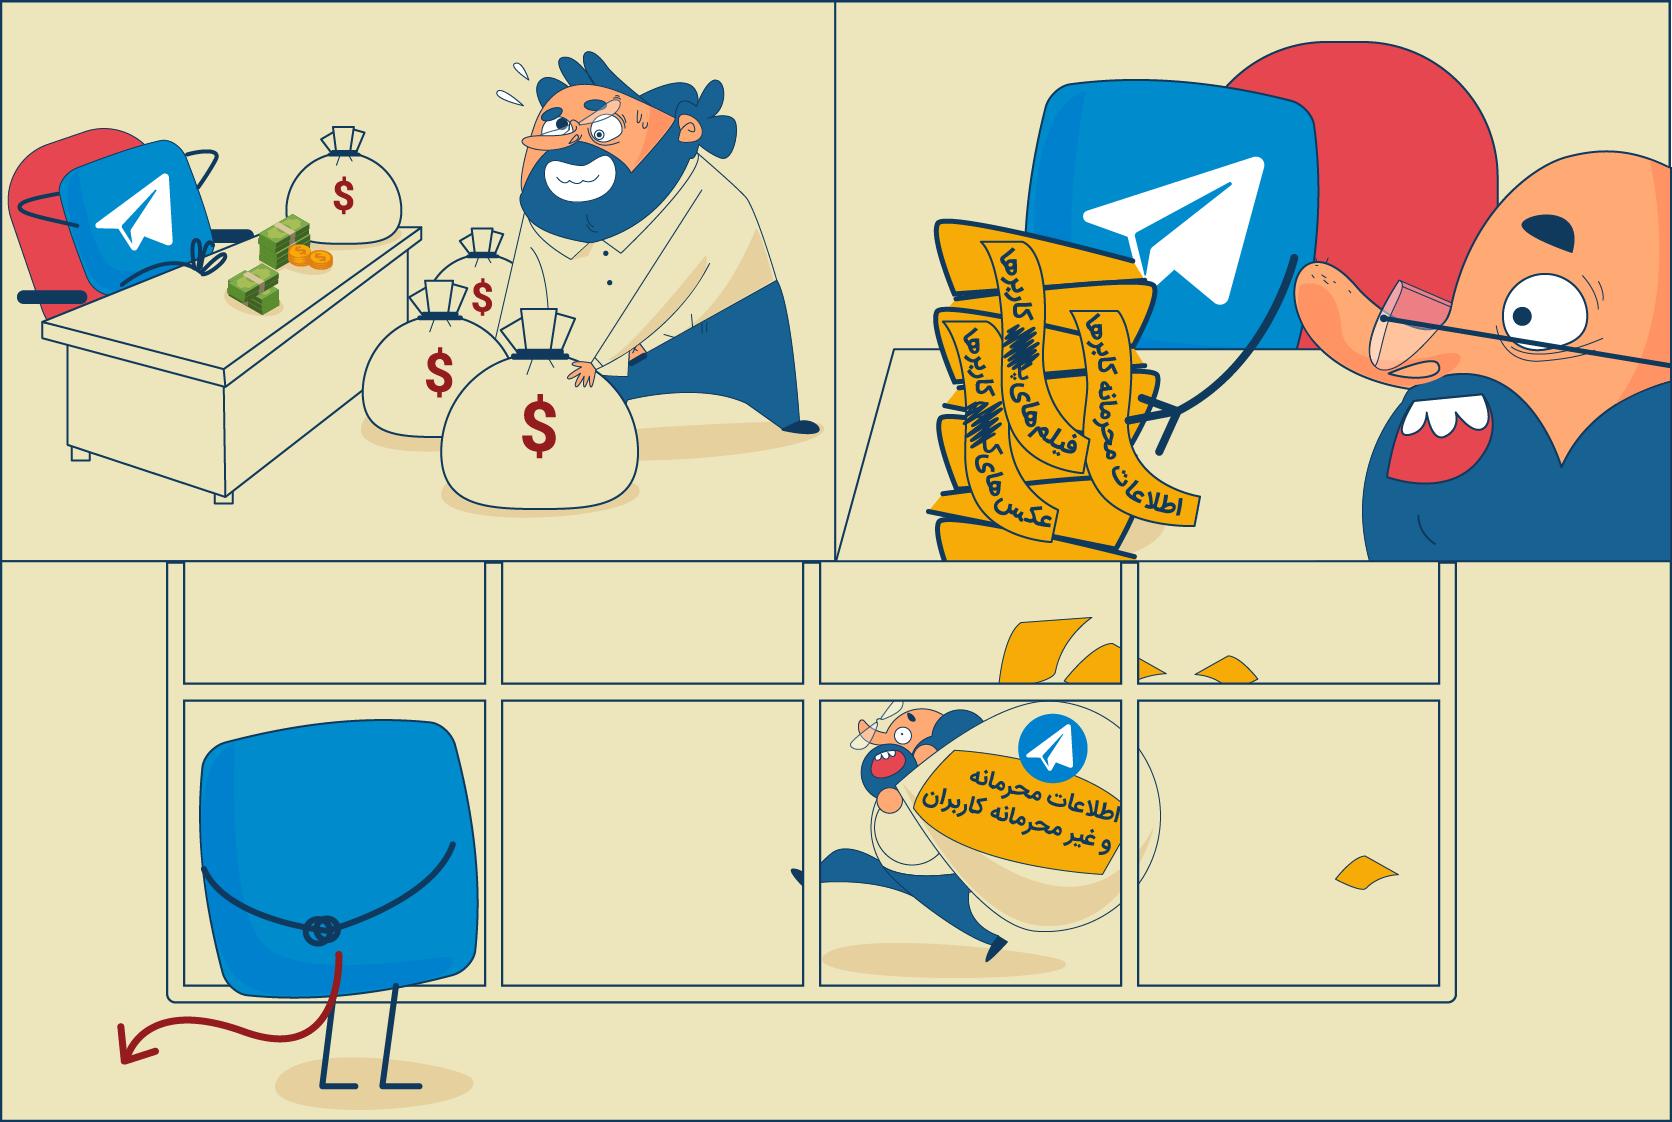 از شایعات تا واقعیتِ دسترسی و انتقال سرورهای تلگرام به ایران : آخر و عاقبت حمایت از تولیدِ داخلی